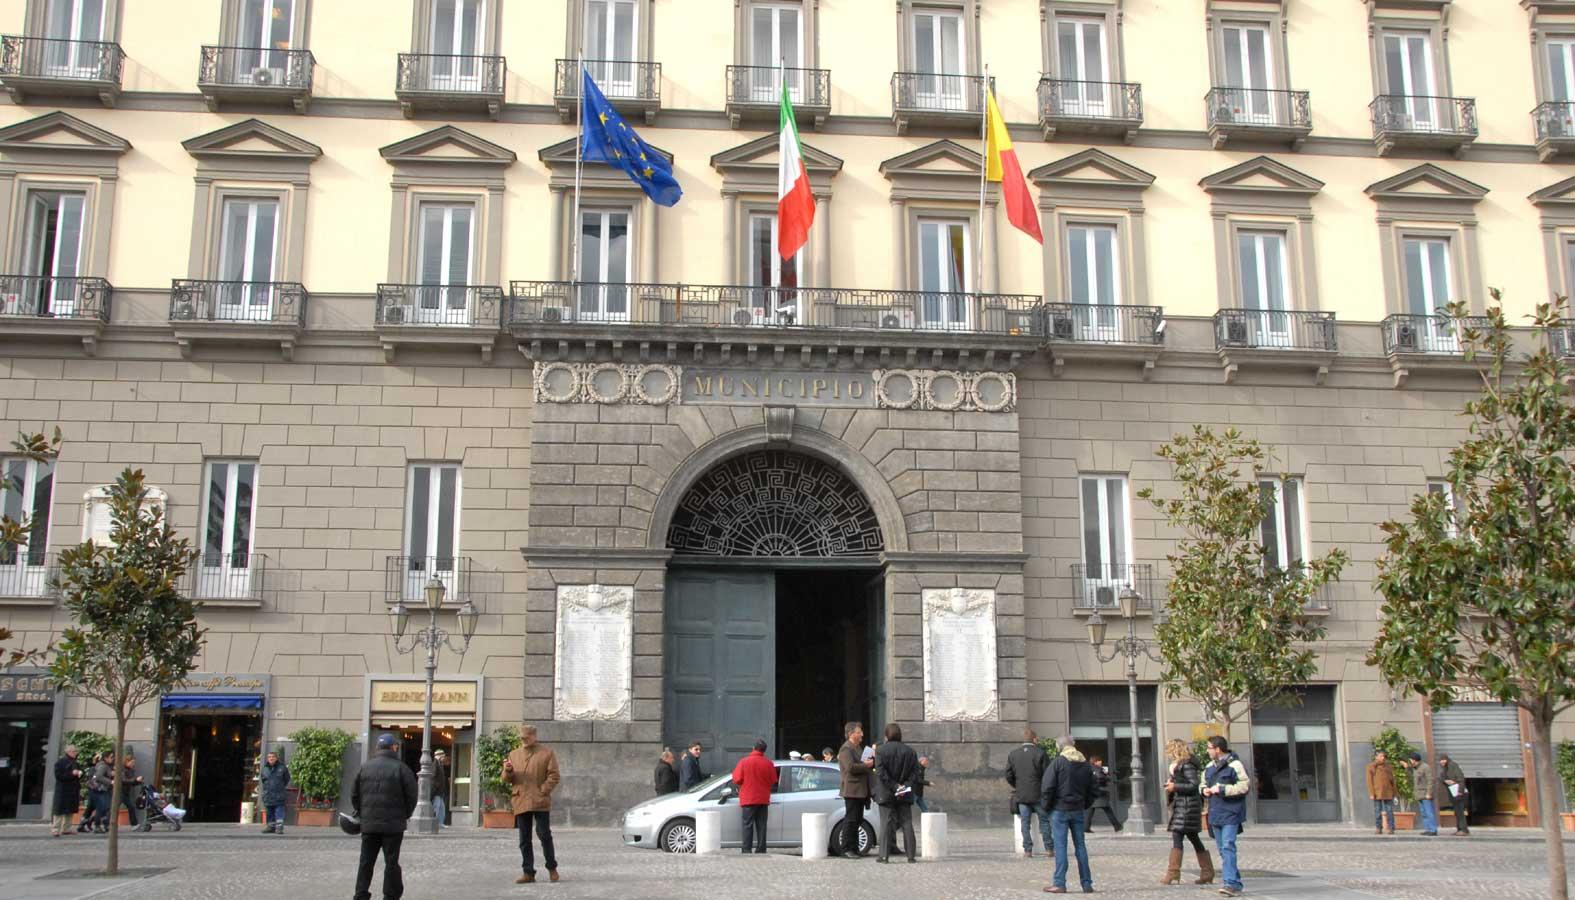 Ufficio Turistico A Napoli : Ufficio turistico sostituito da friggitoria a piazza del gesù il